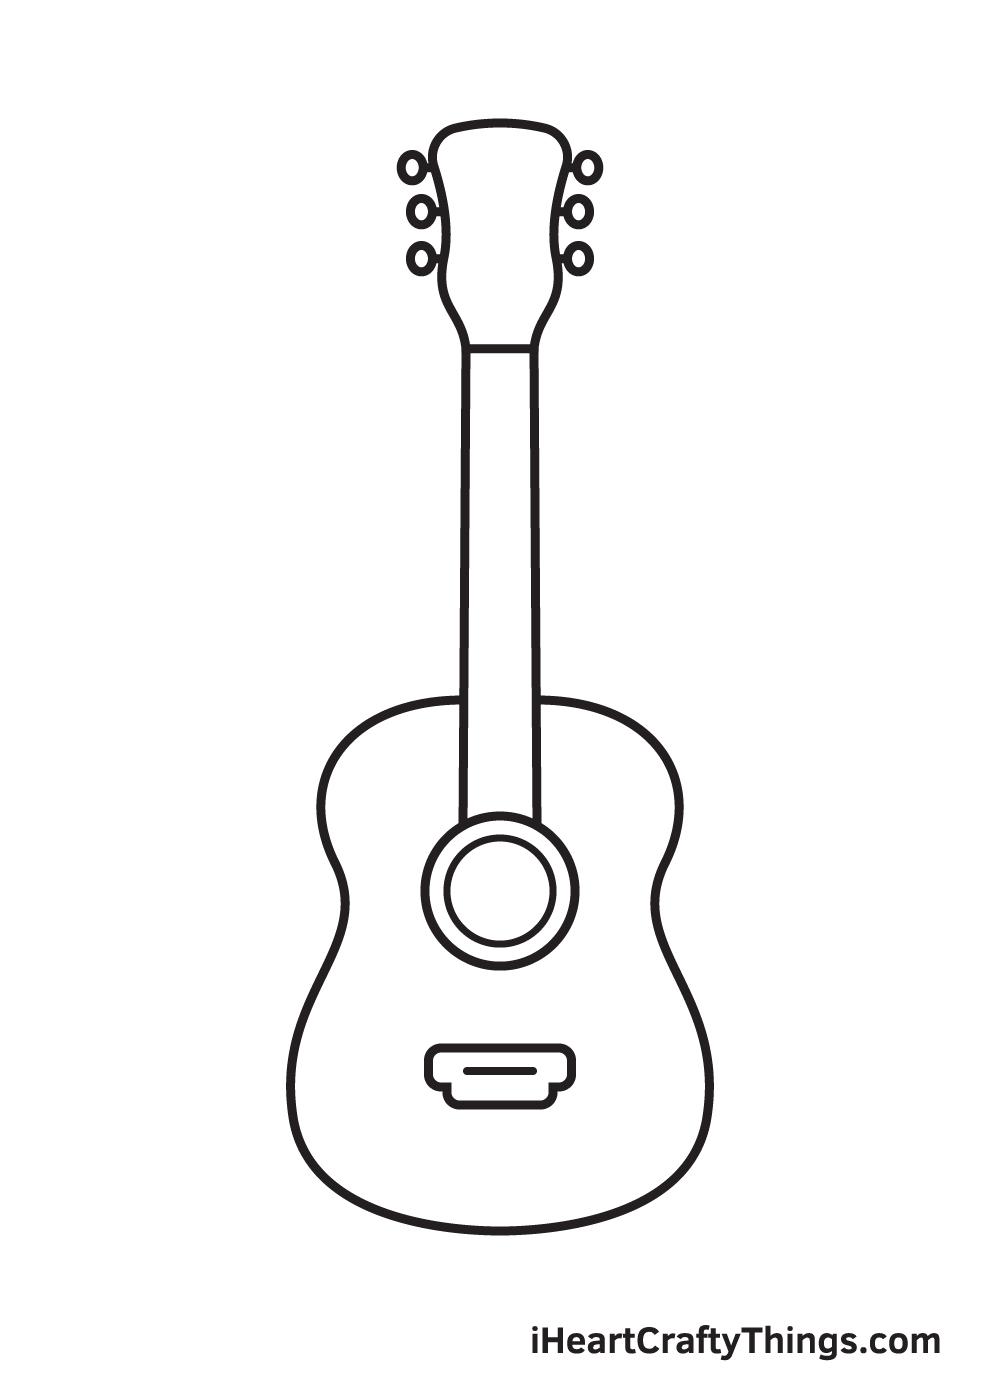 Guitar Drawing – Step 7